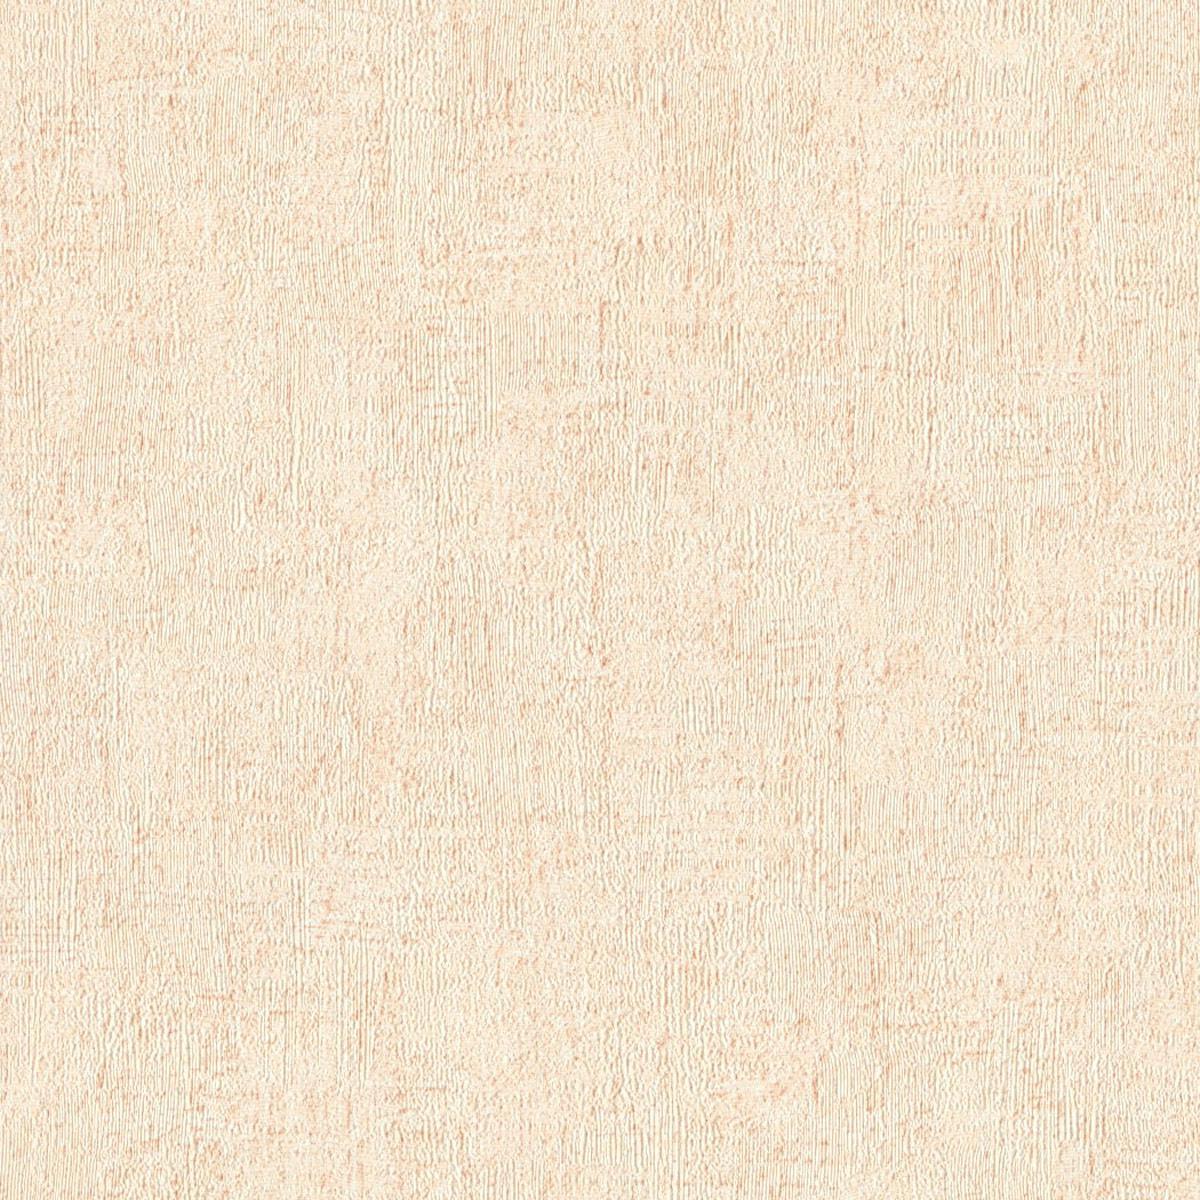 Обои флизелиновые Моф бежевые 1.06 м 4051-2